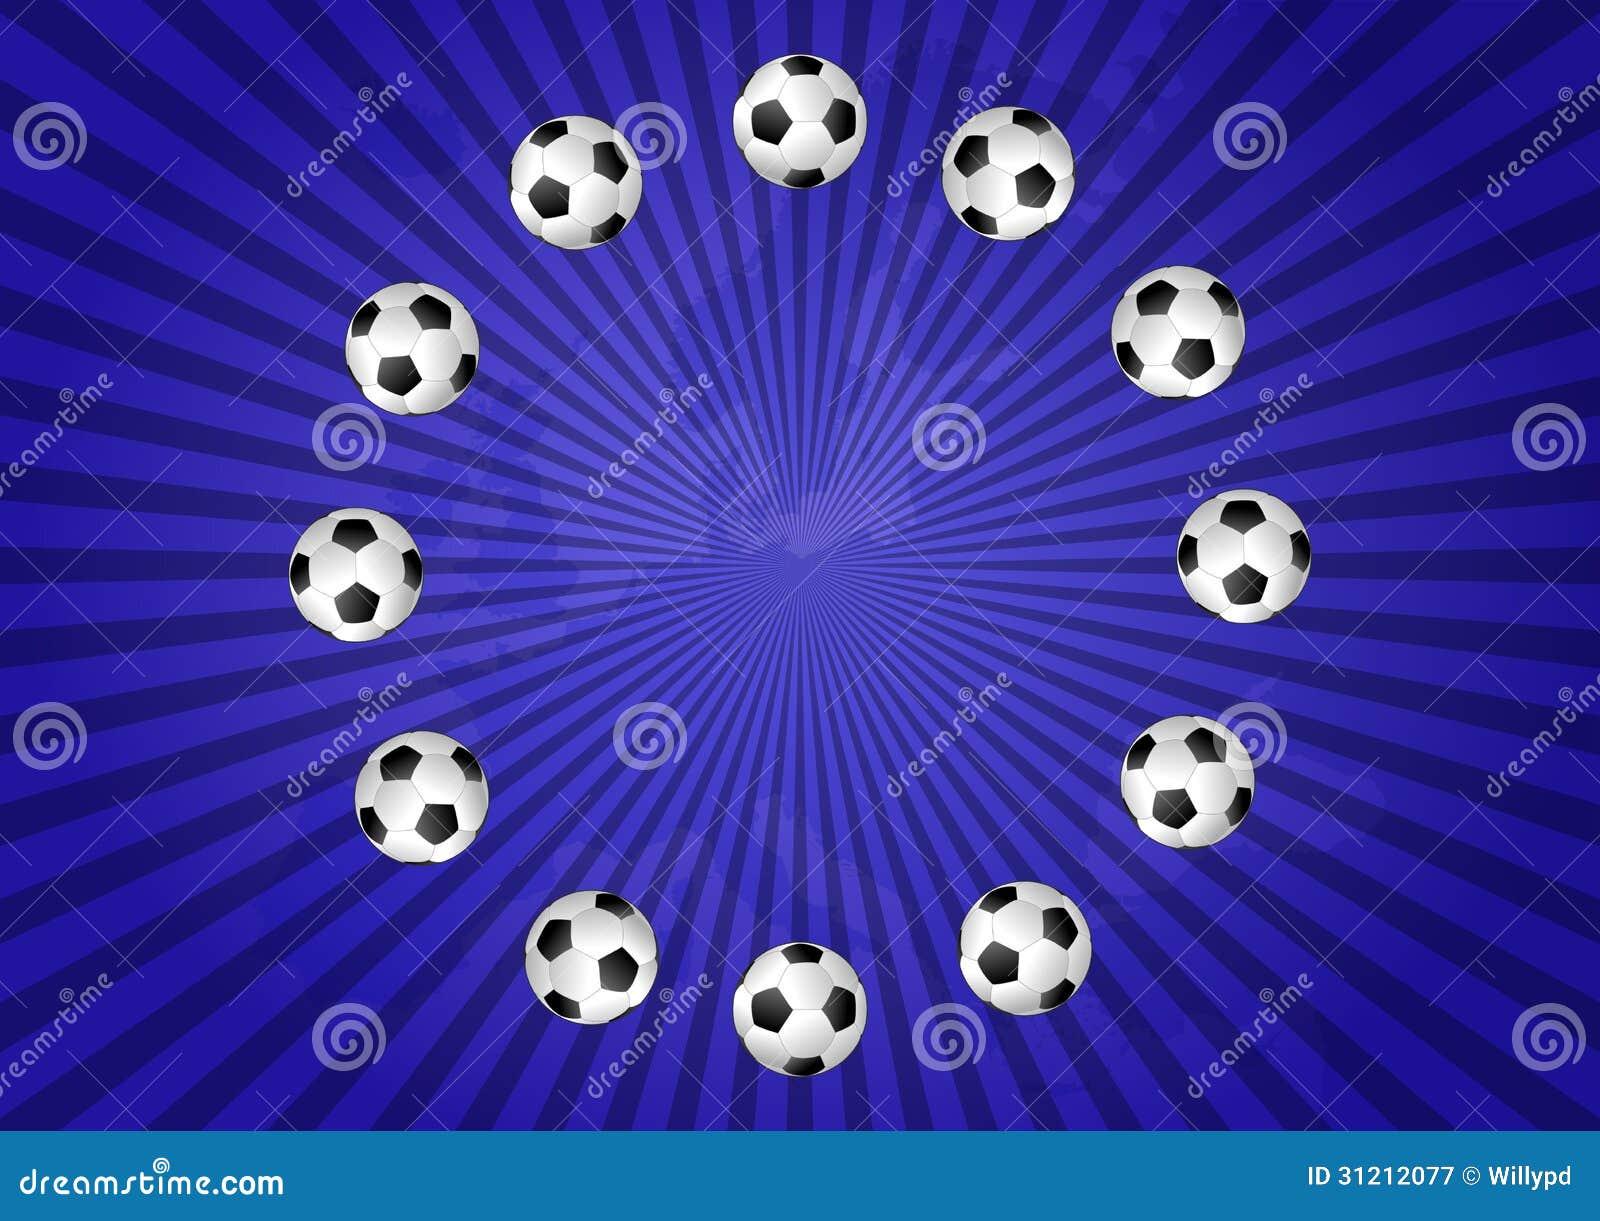 europ soccer